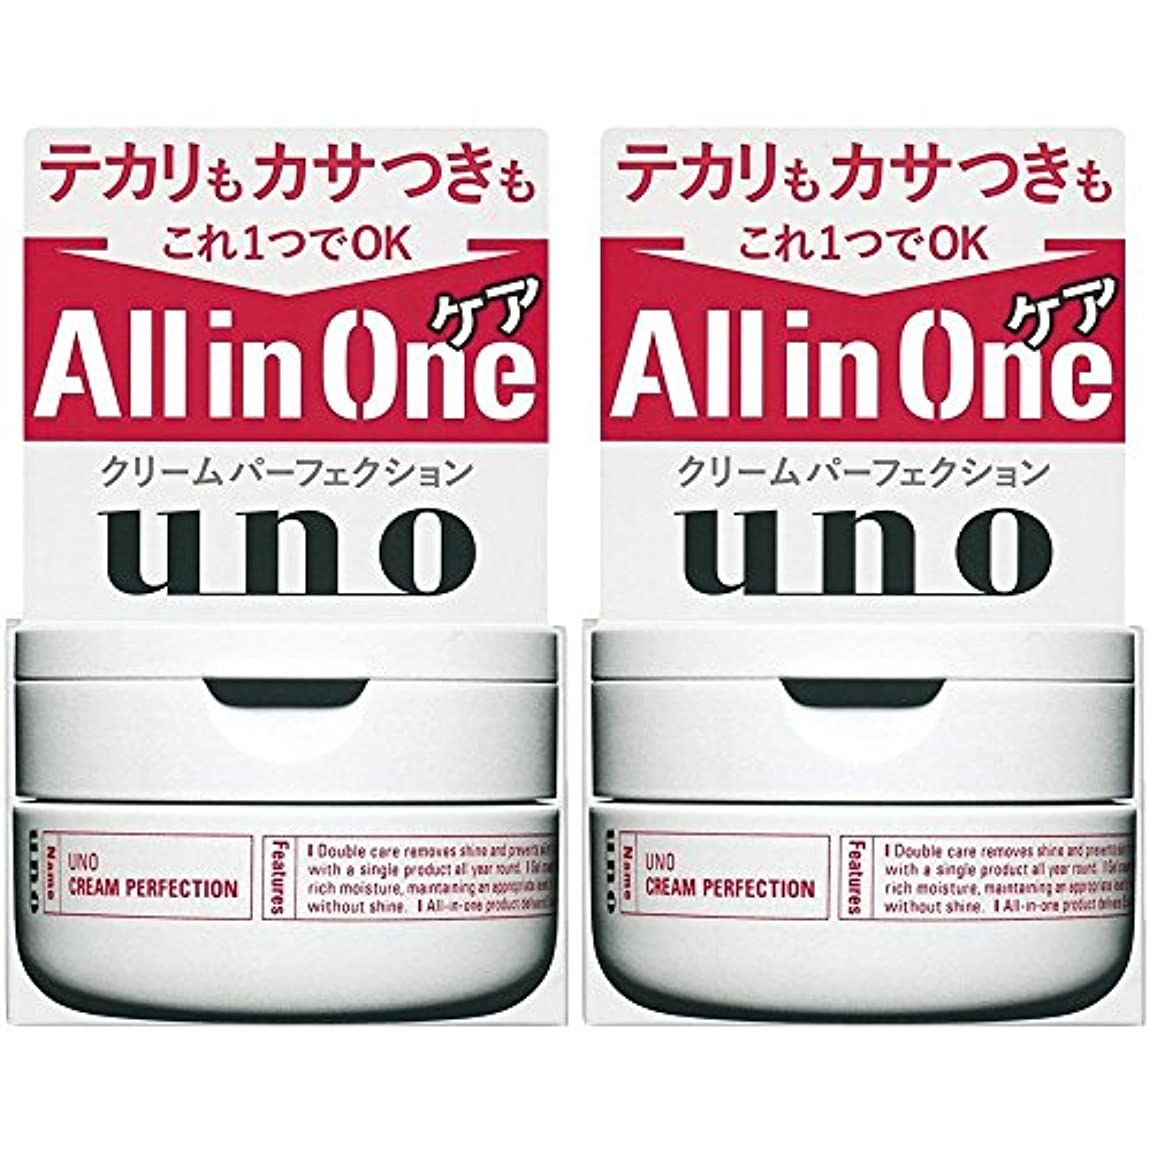 入浴ビーズ説教【セット品】ウーノ クリームパーフェクション 90g (2個)